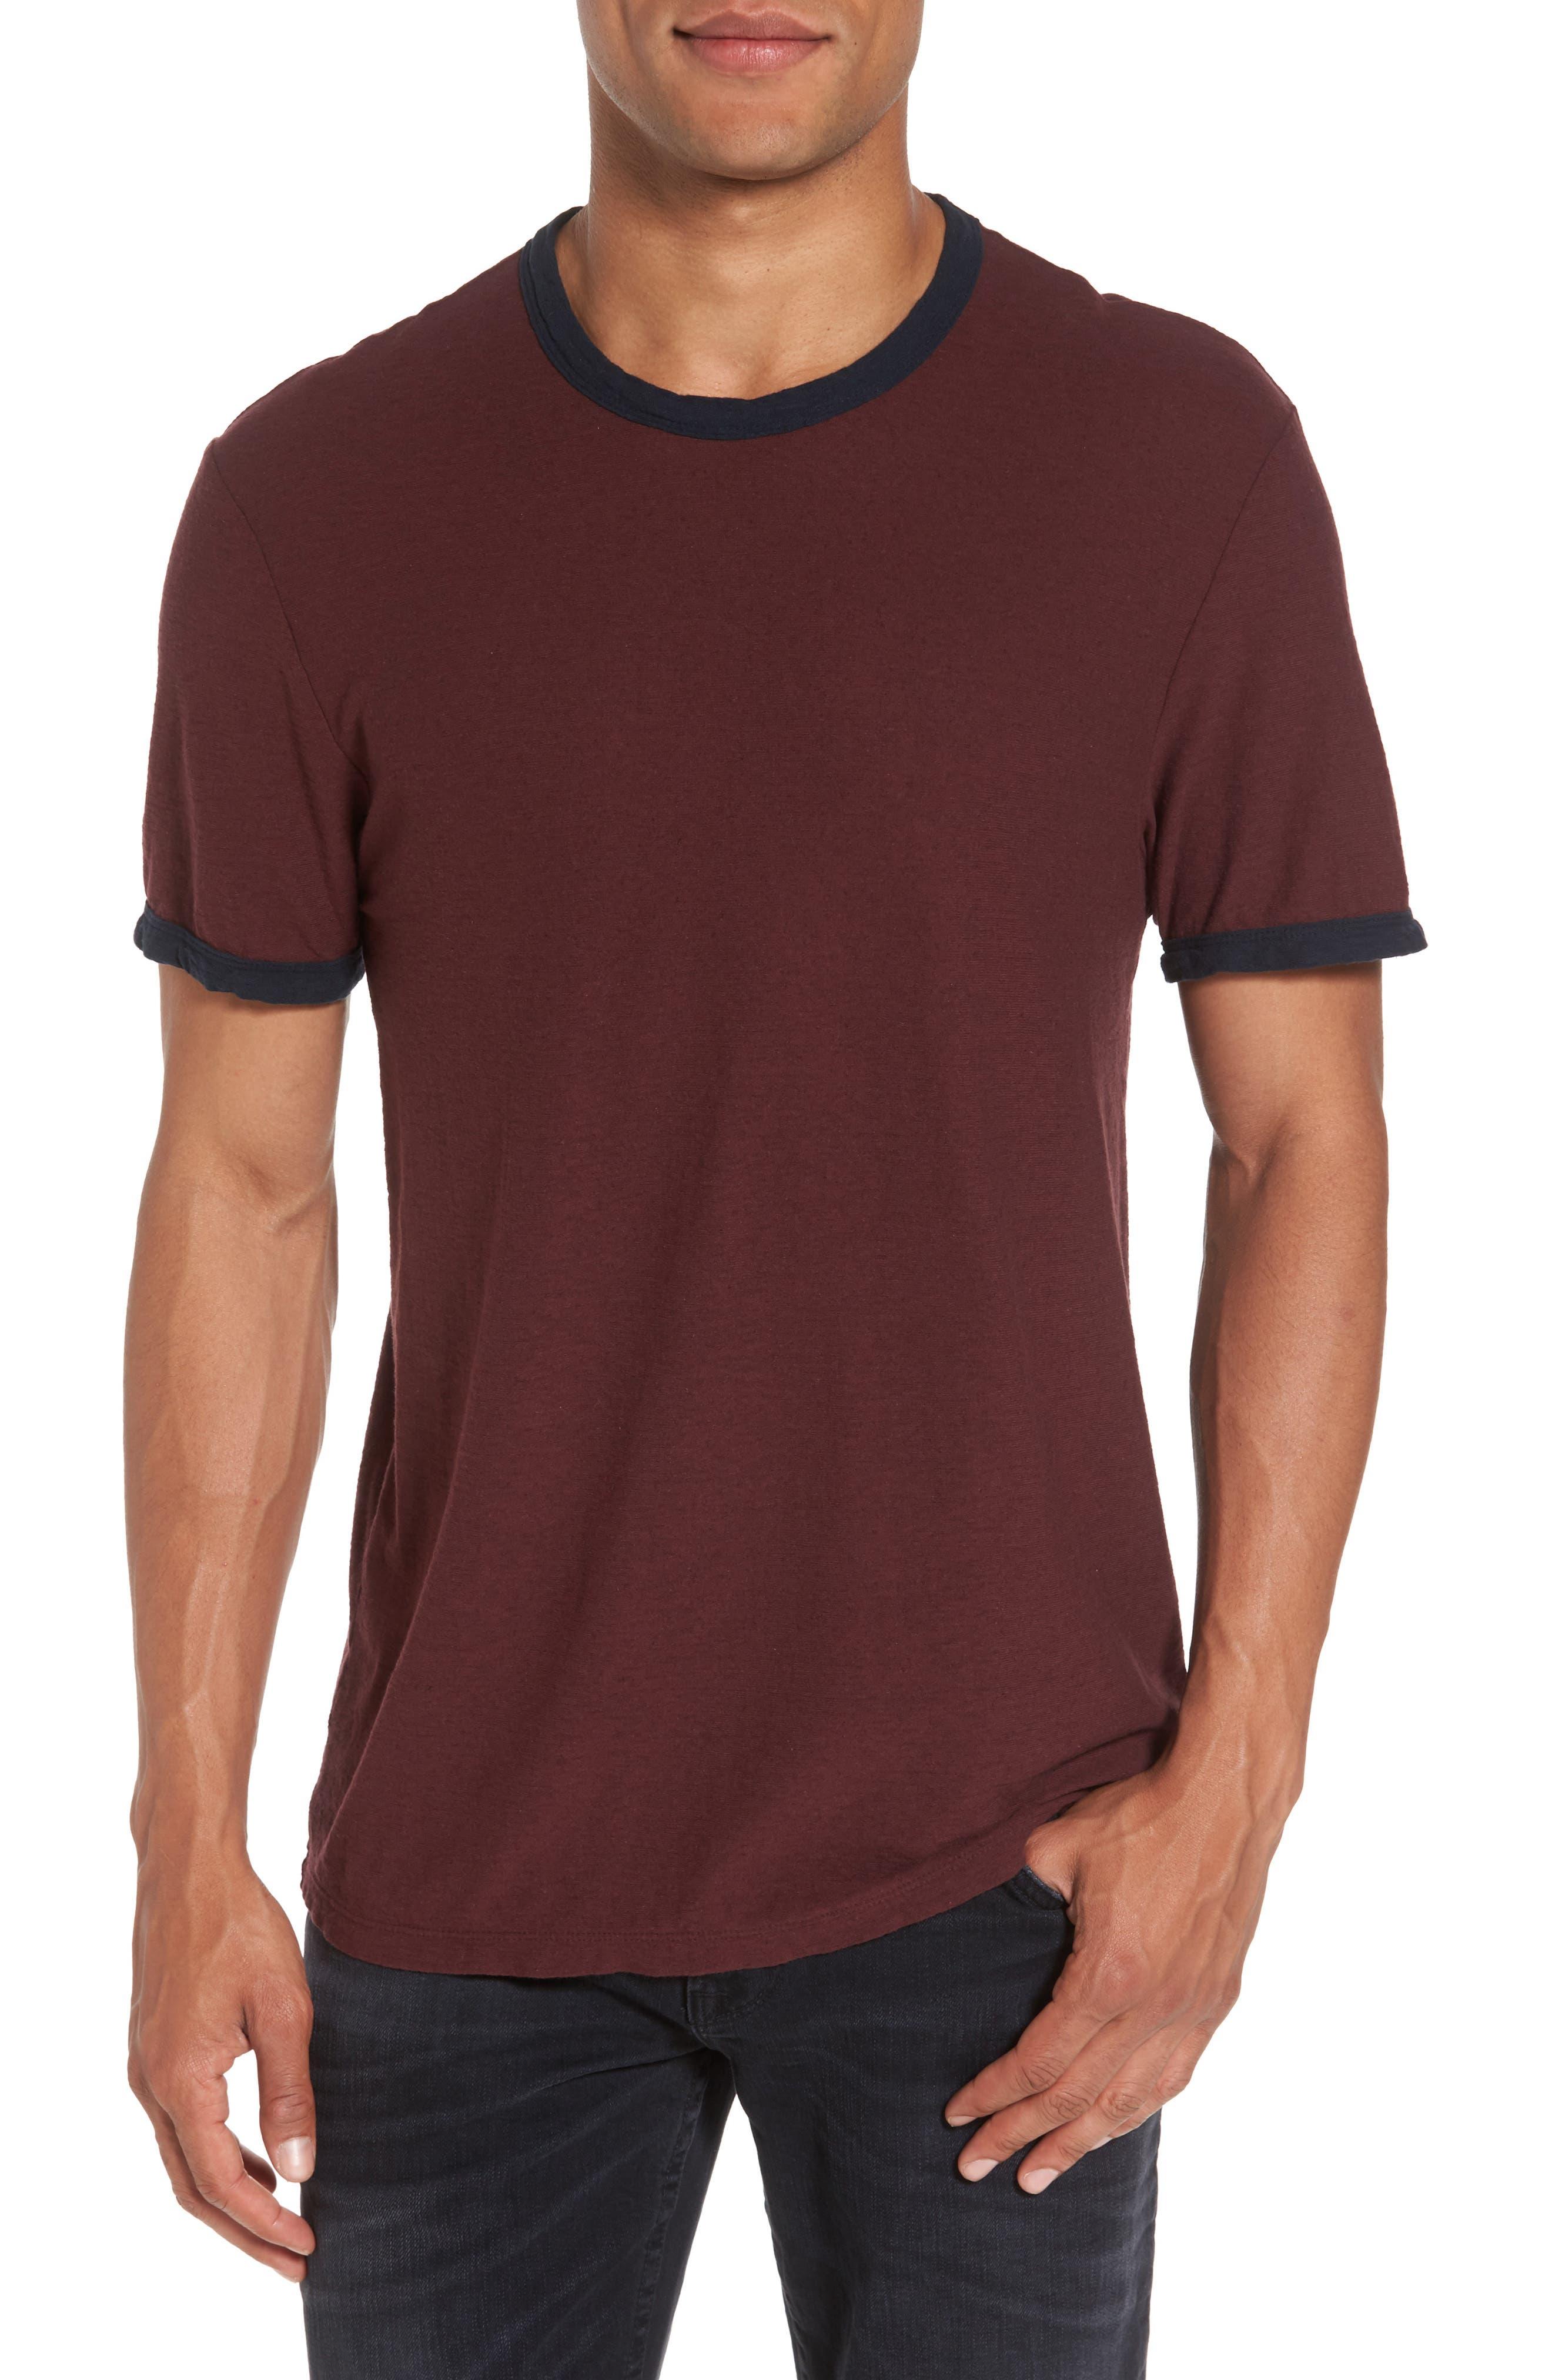 James Perse Slub Knit Ringer T-Shirt